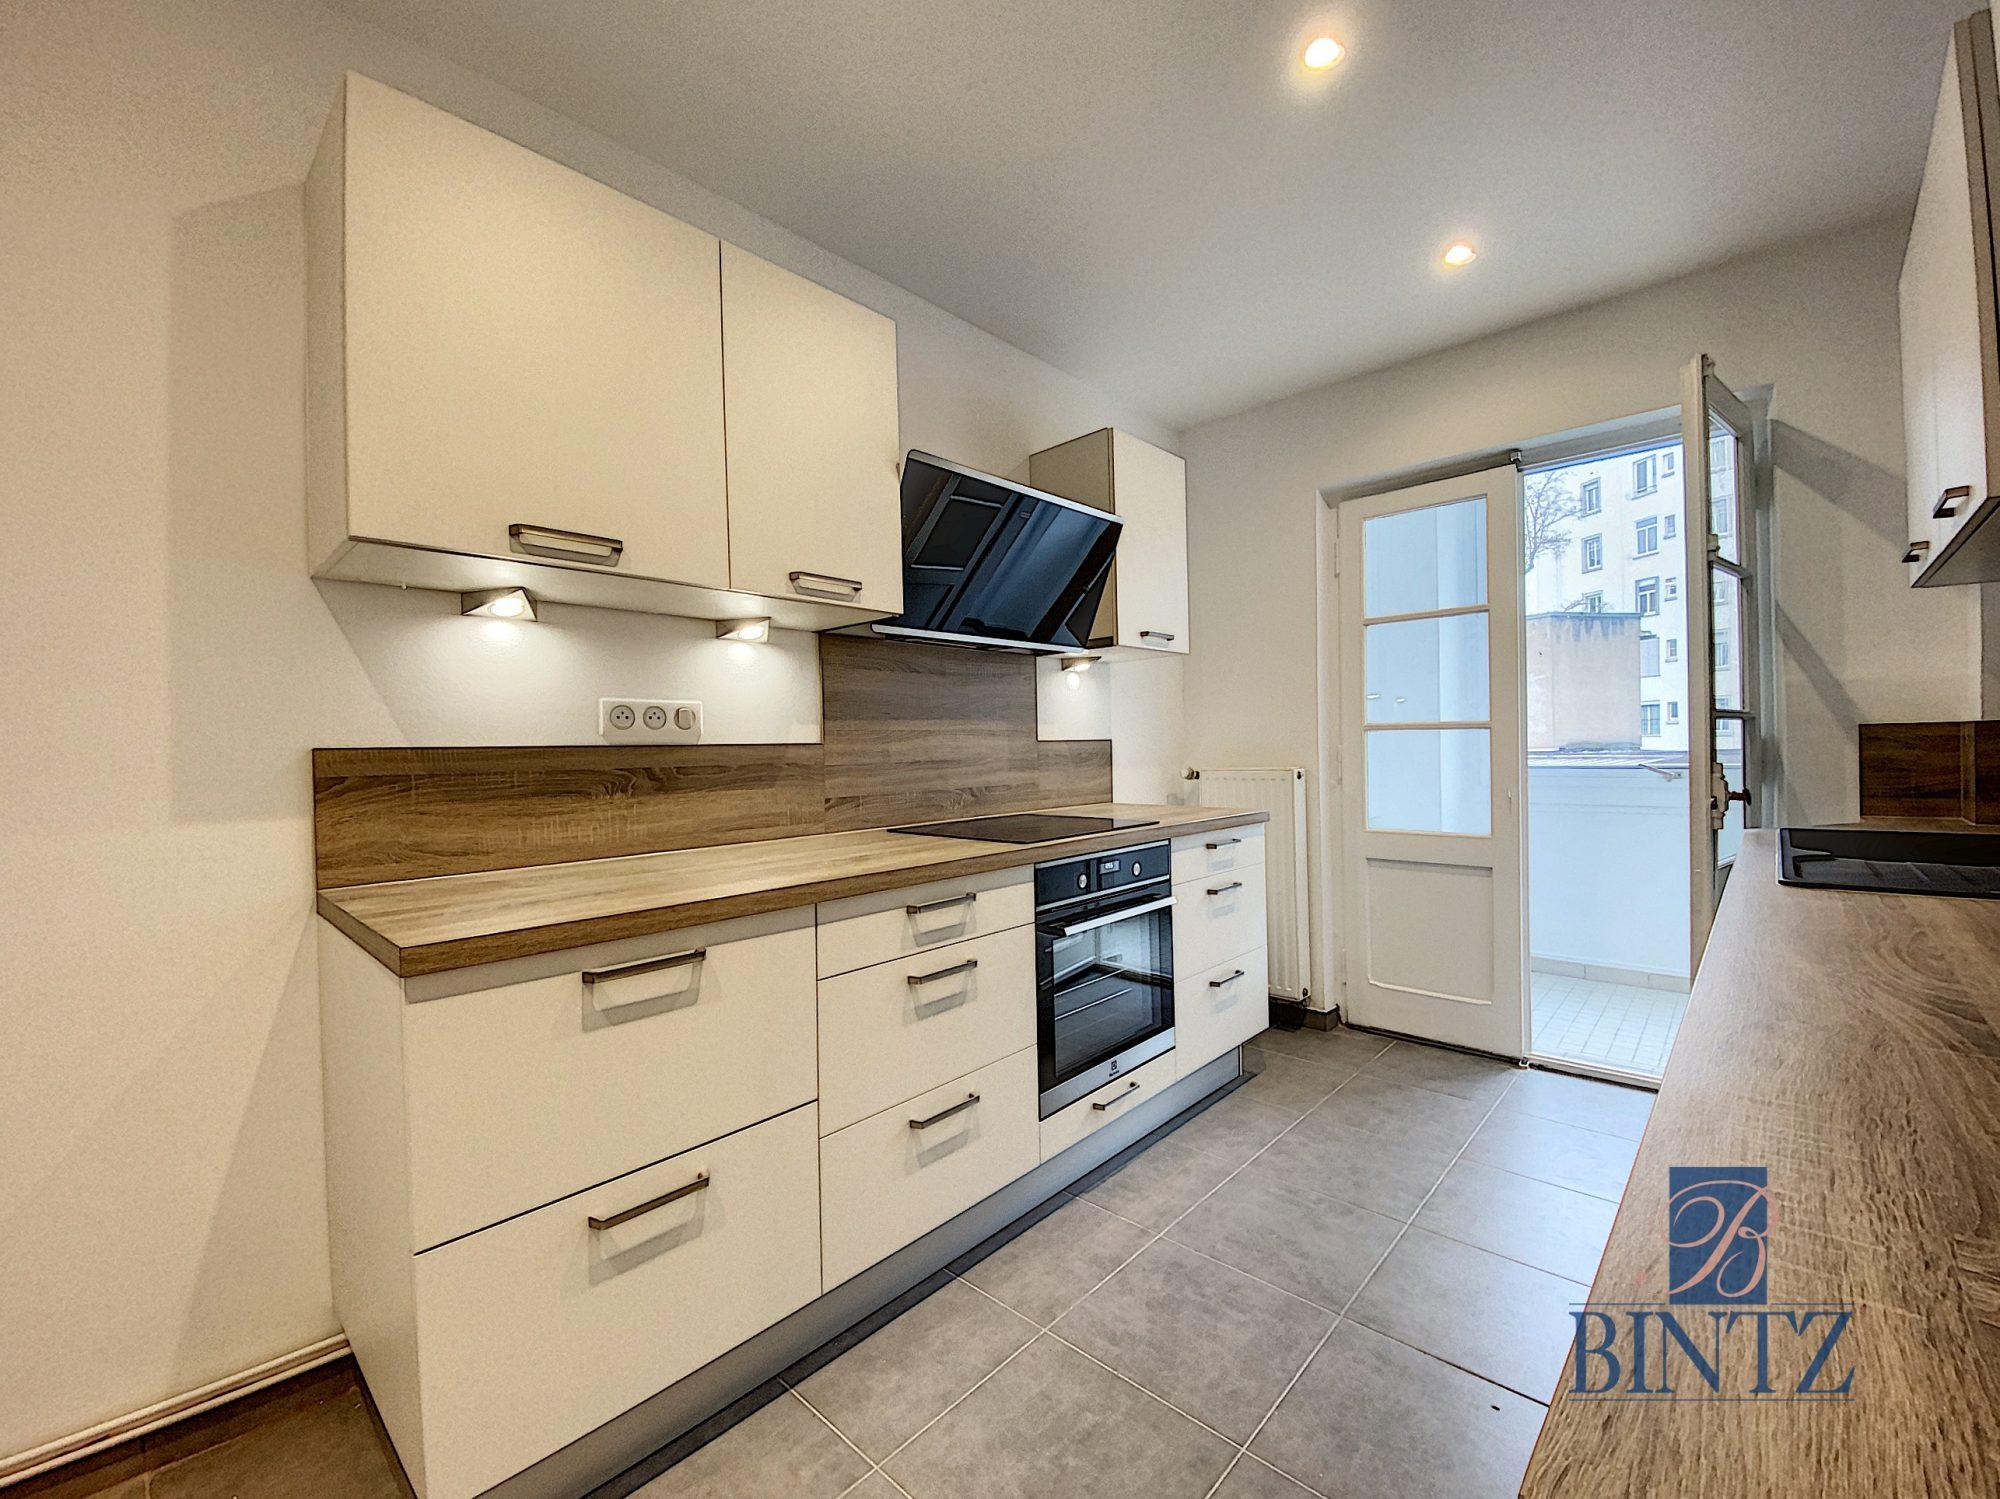 Appartement 3 pièces 69m2 dans le quartier des XV - Devenez propriétaire en toute confiance - Bintz Immobilier - 1